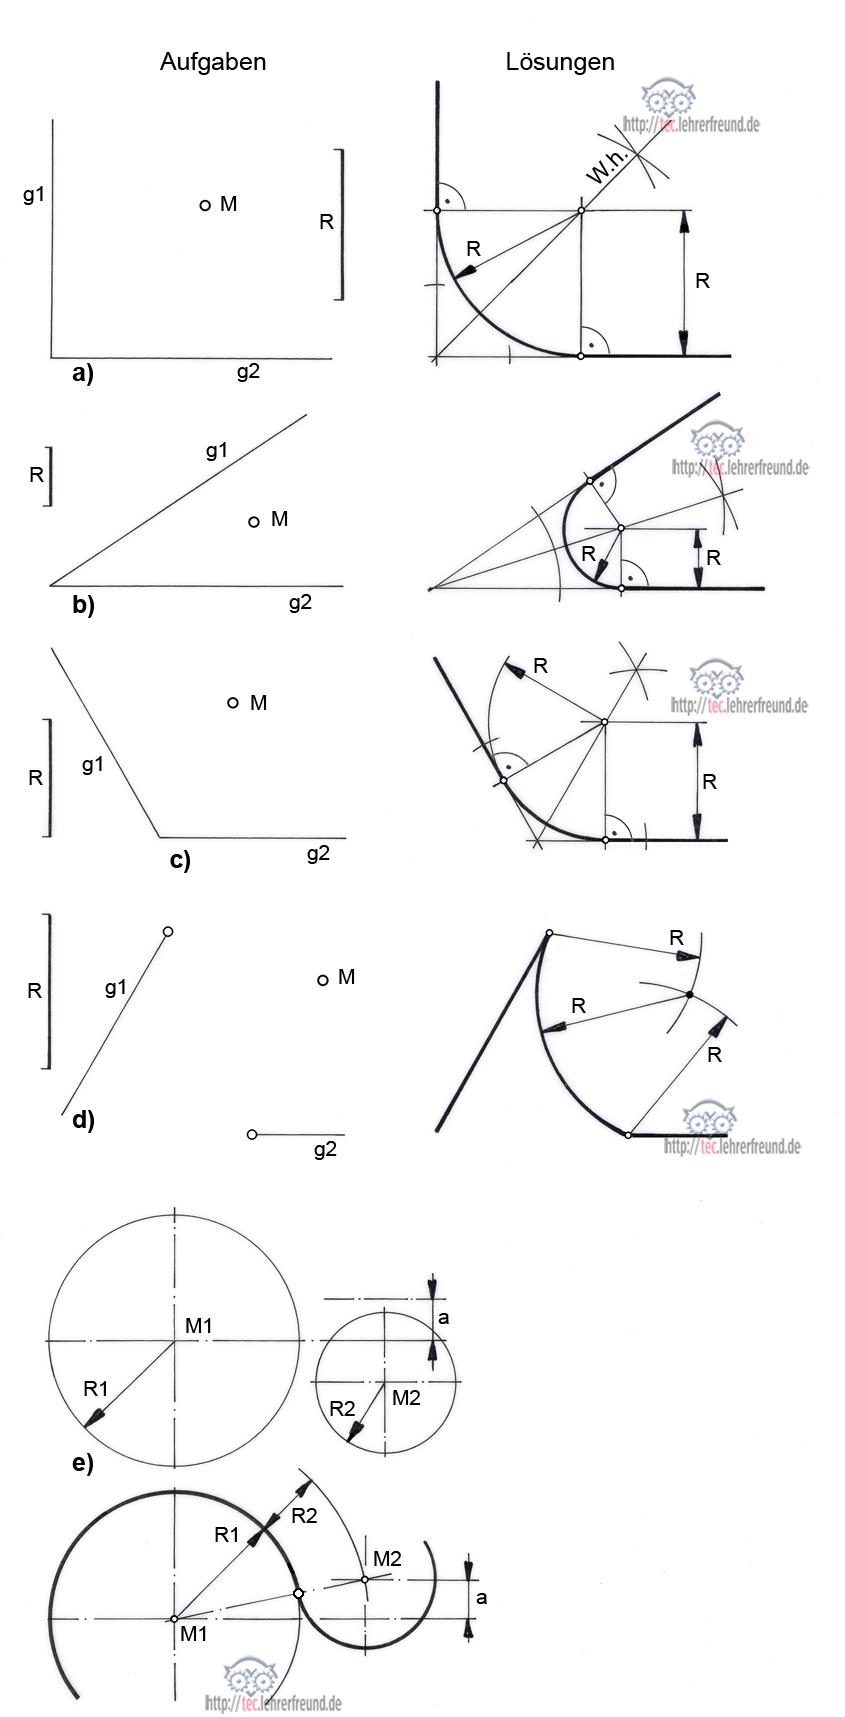 Geometrische Grundkonstruktionen (2) u2022 tec.Lehrerfreund